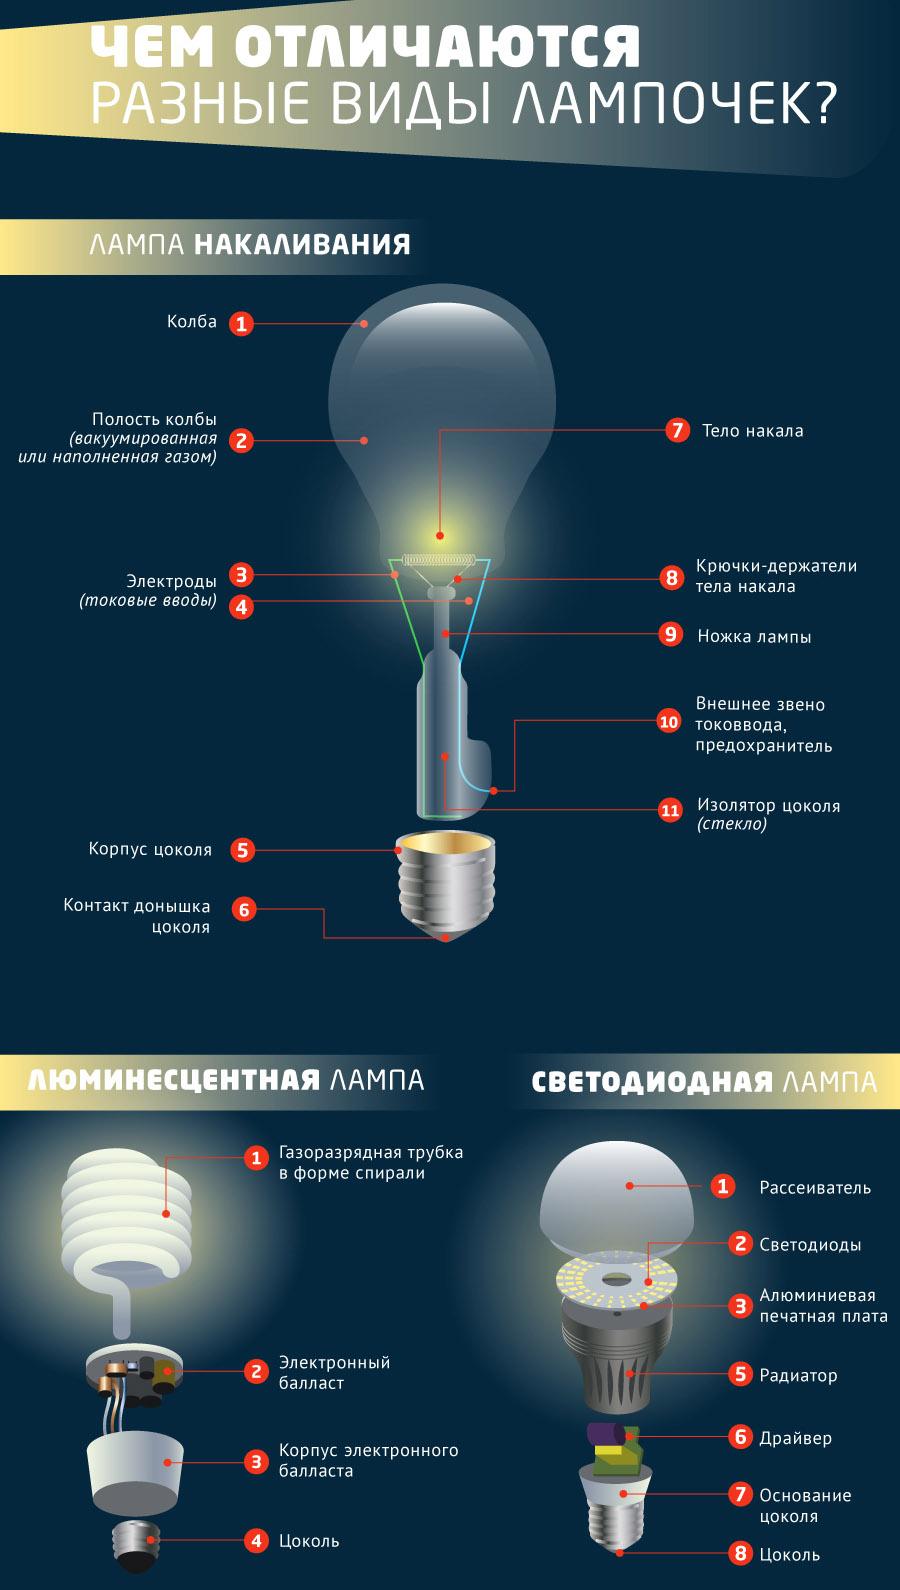 Популярно: какие бывают виды лампочек?